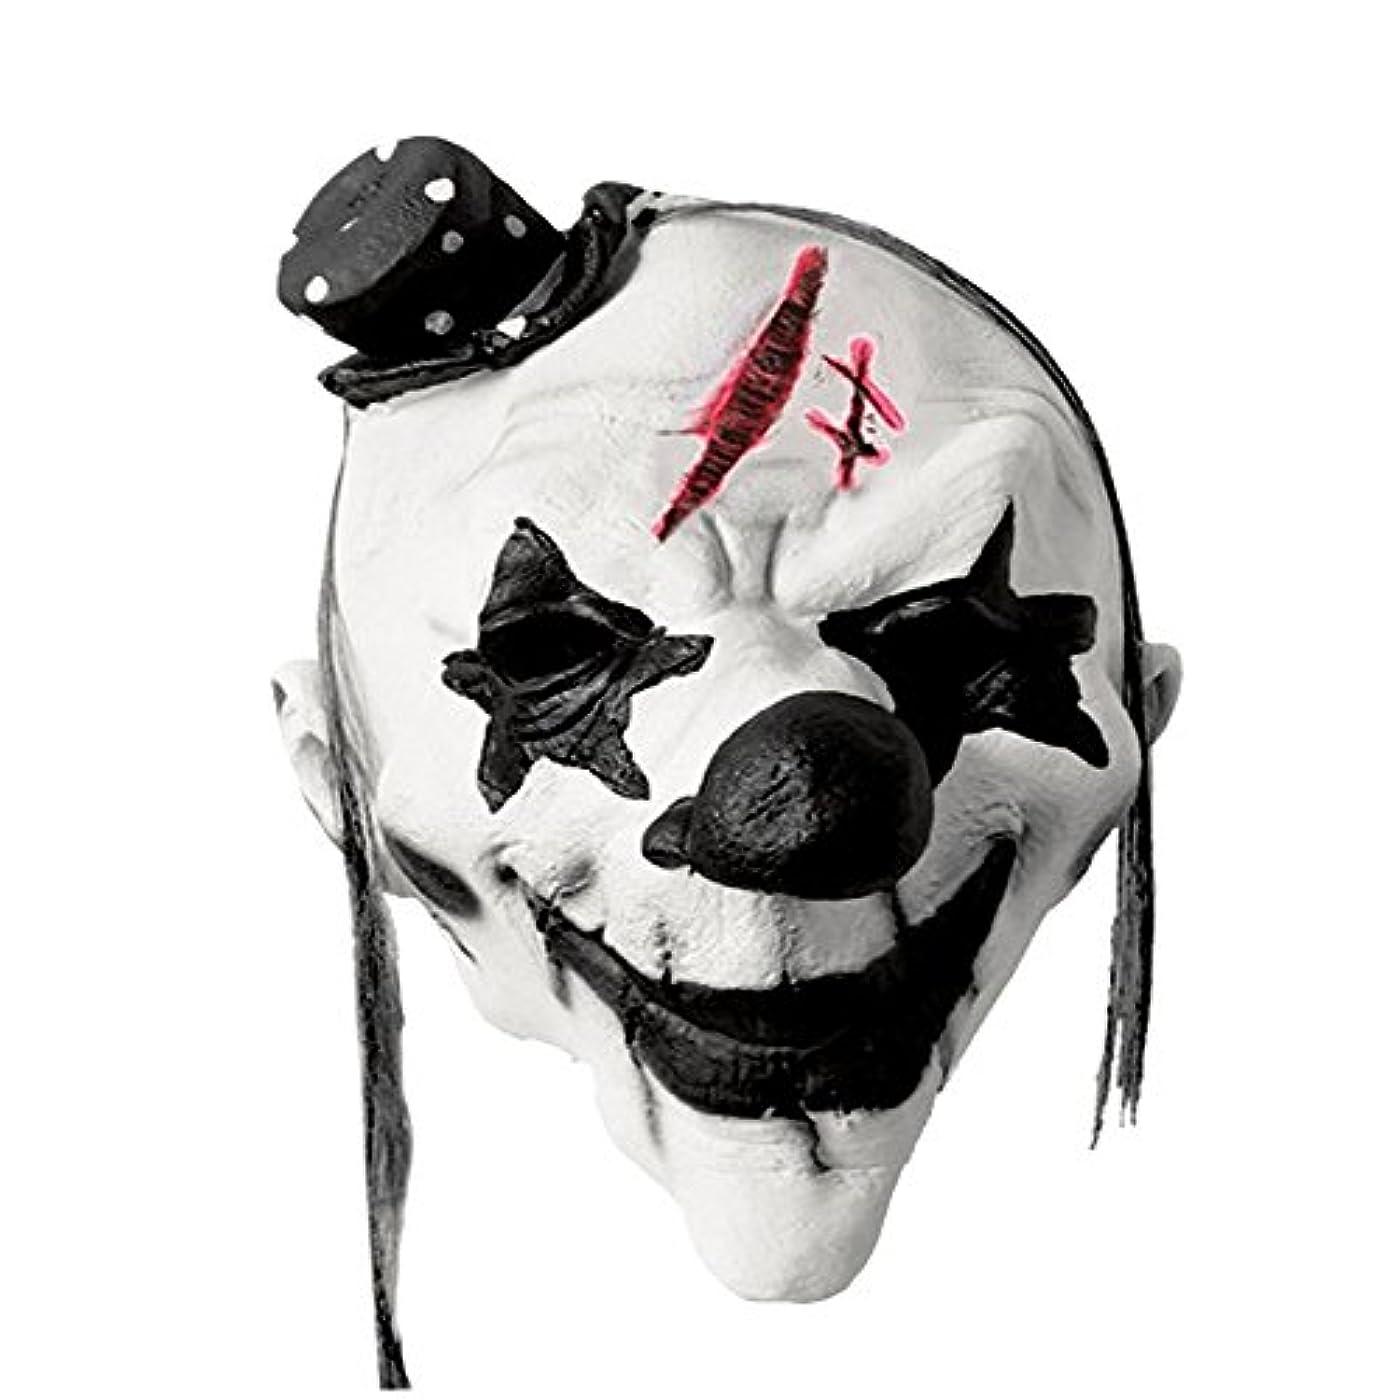 メリー不透明な勤勉なハロウィン黒と白のピエロマスク/なりすましホラーマスクウエディングパフォーマンスショードレスアップ小道具ピエロマスク